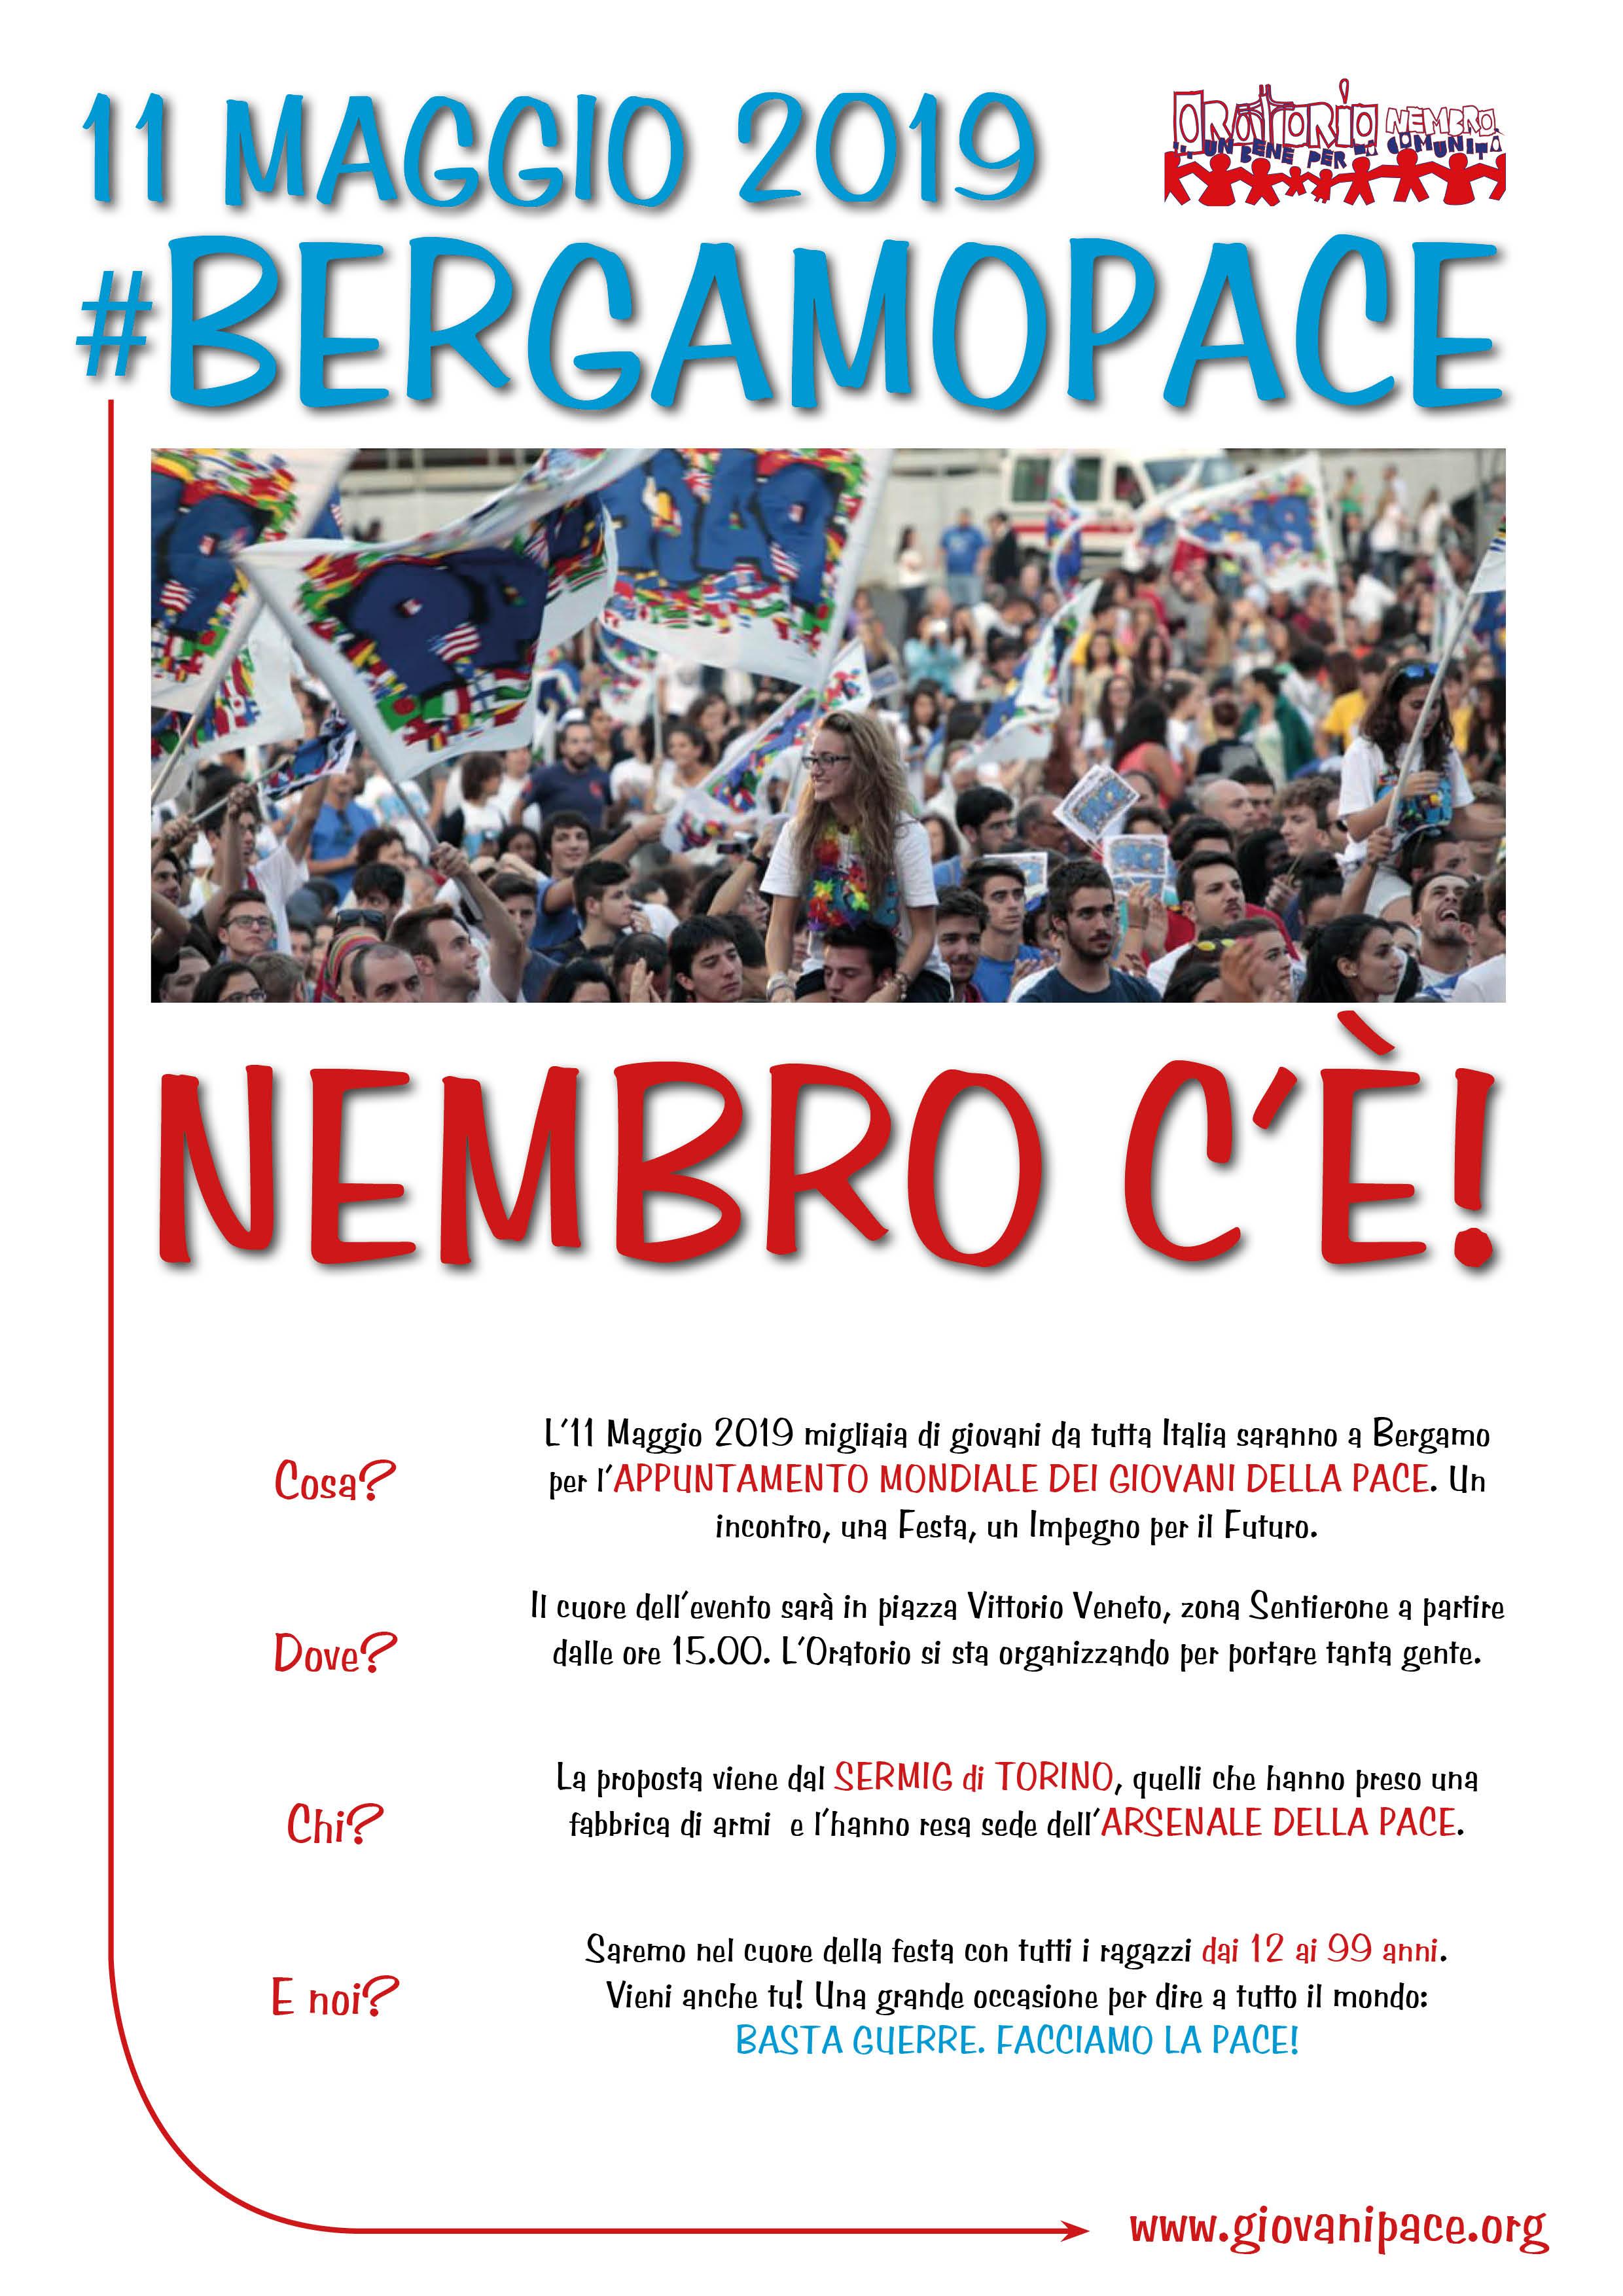 BergamoPace: Nembro c'è!